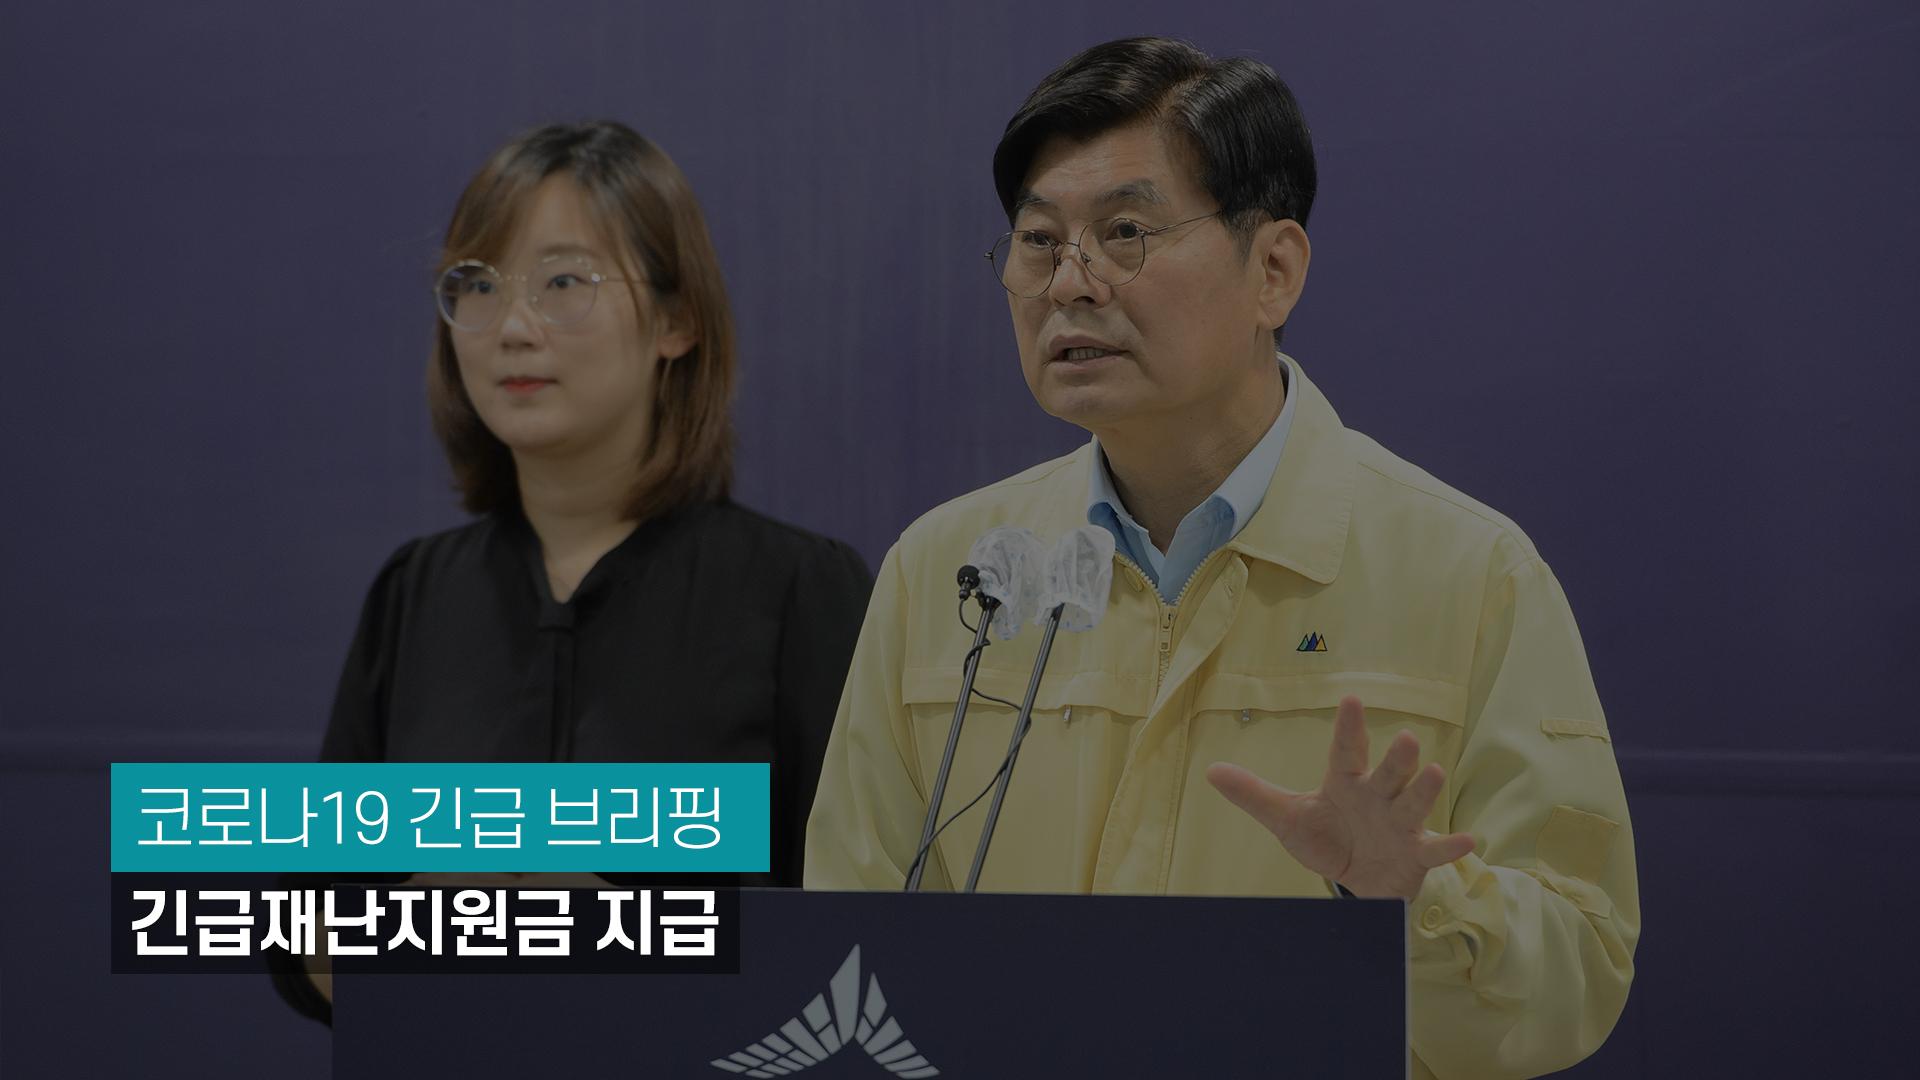 <긴급브리핑> 코로나19 관련, 긴급재난지원금